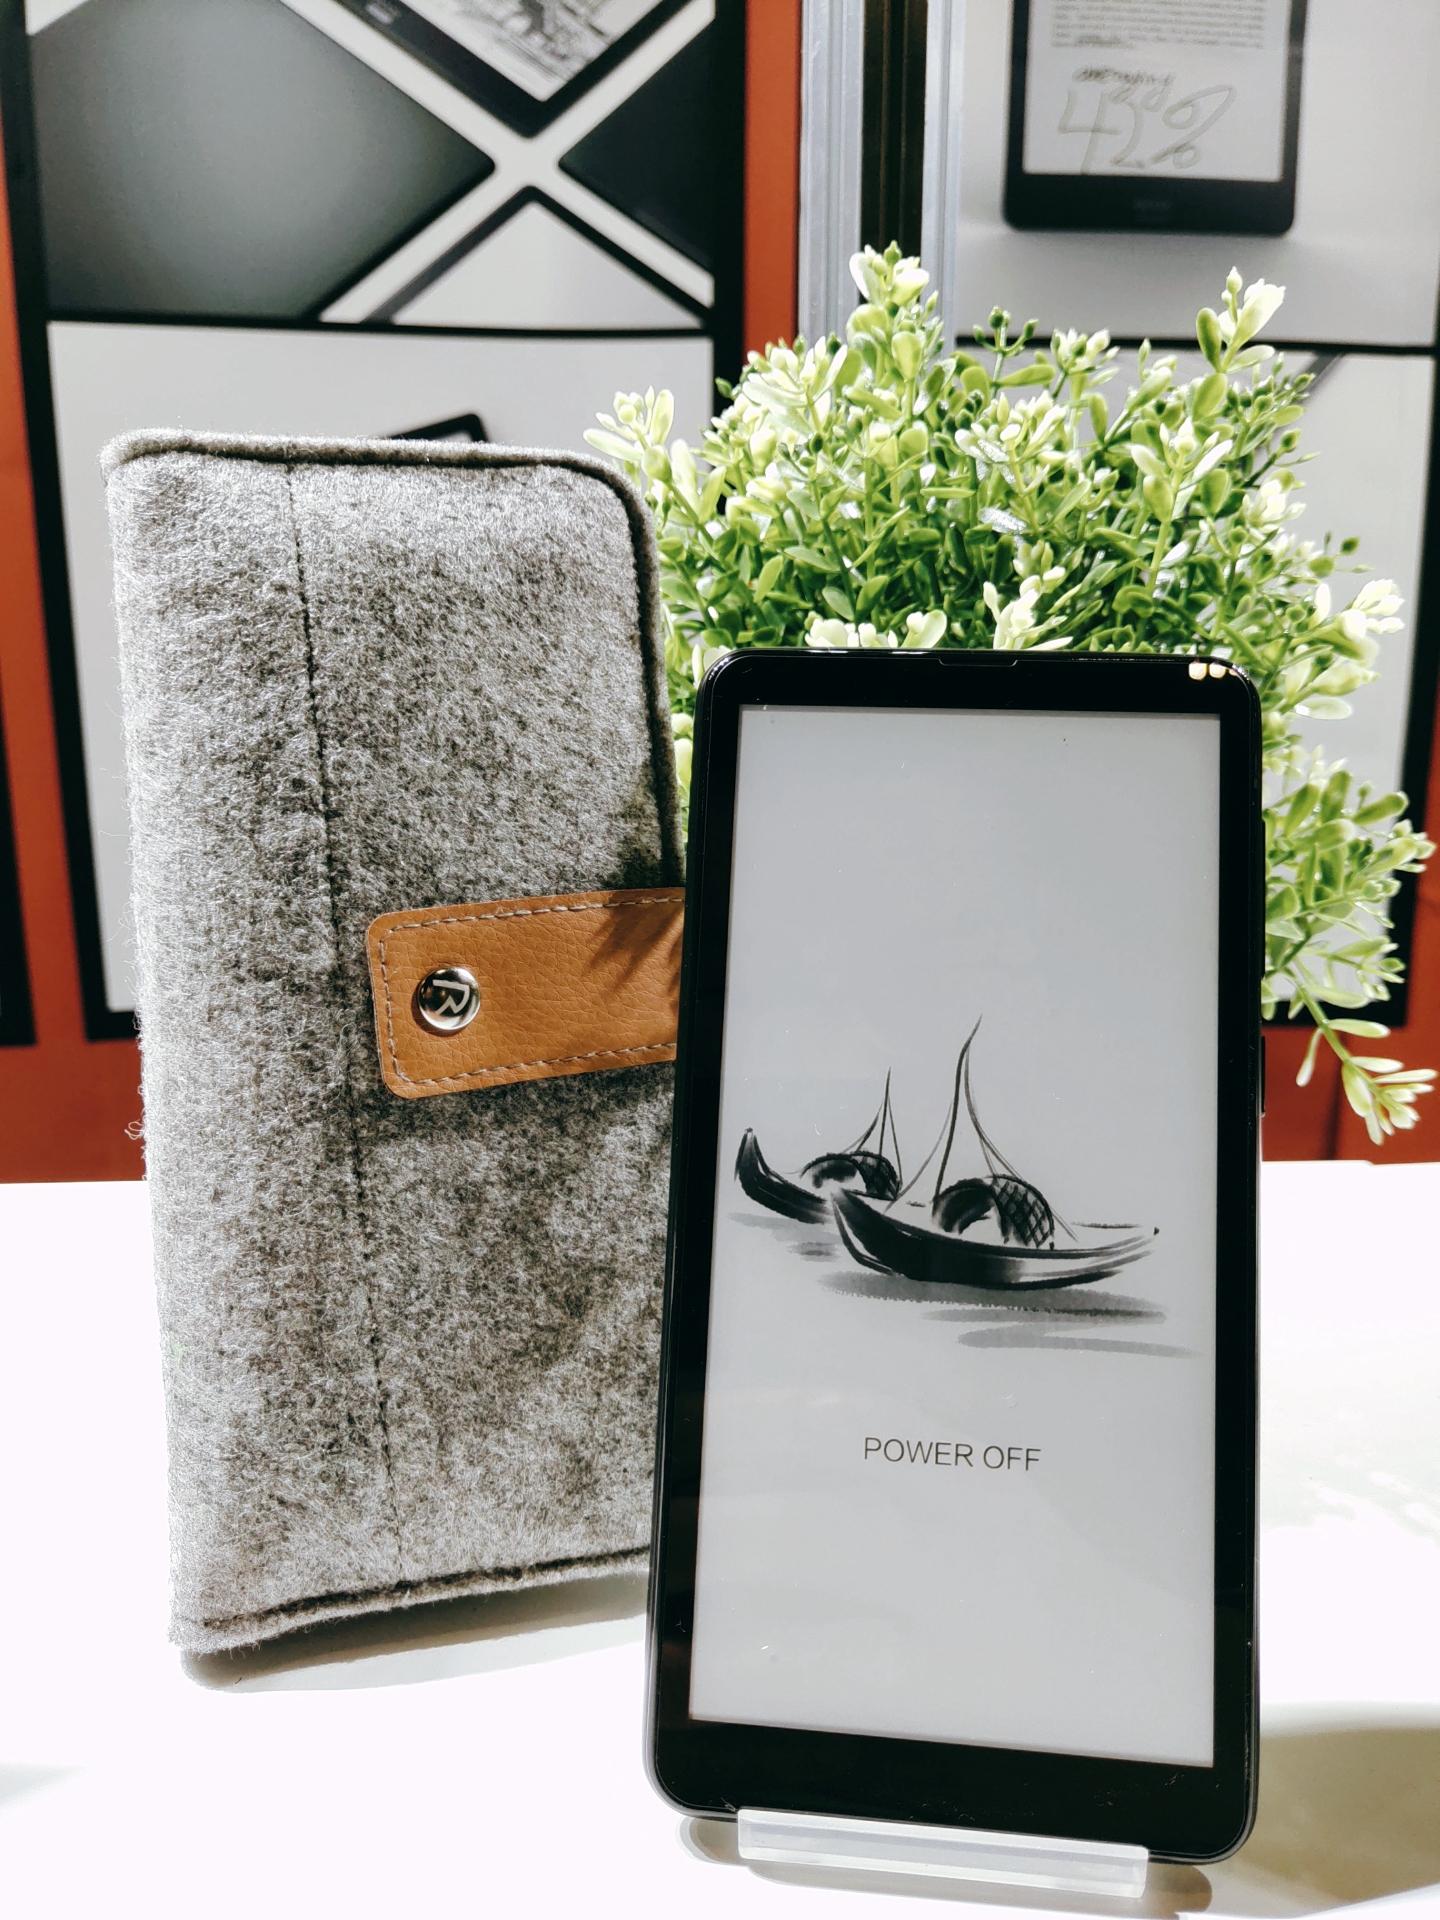 Onyx Boox Phone – nadchodzi 5.8-calowy smartfon E Ink z Androidem od Onyxa - www.naczytniku.pl